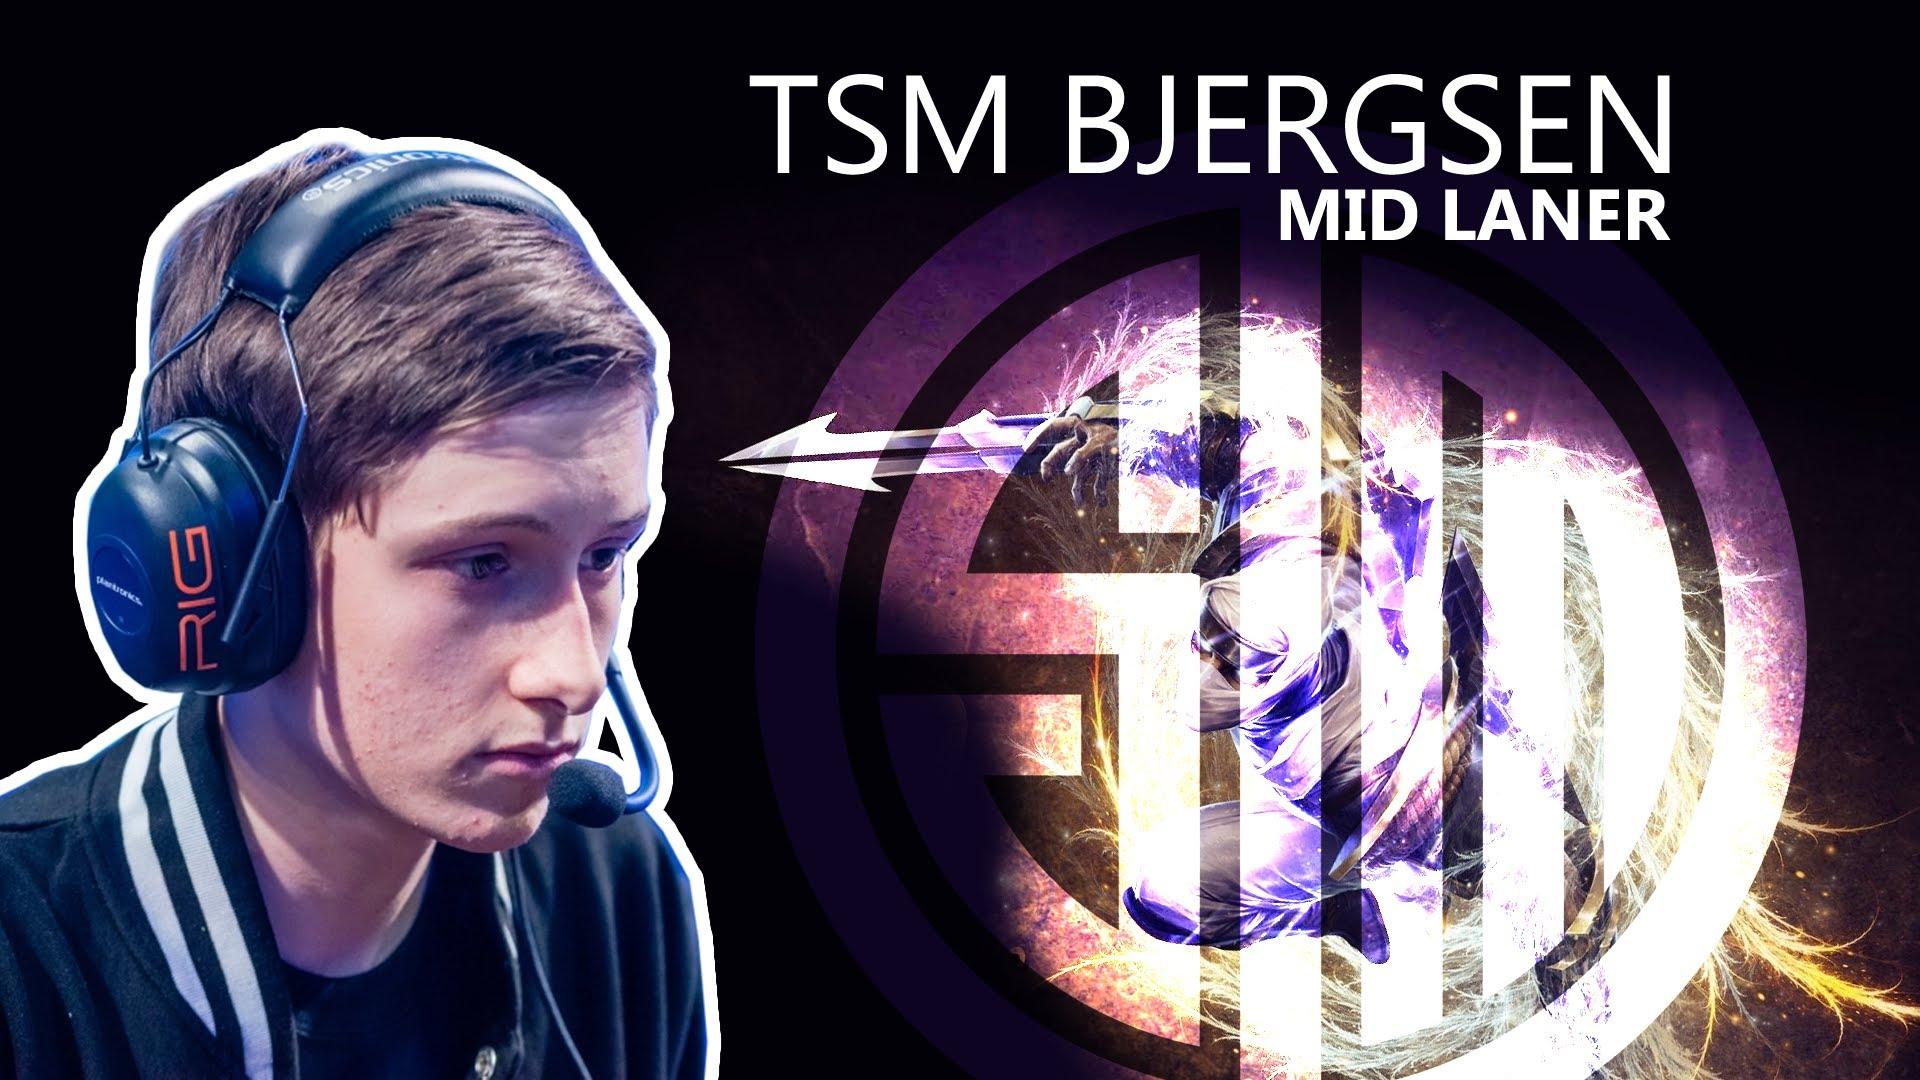 Ο TSM Bjergsen μας δείχνει τα skills του